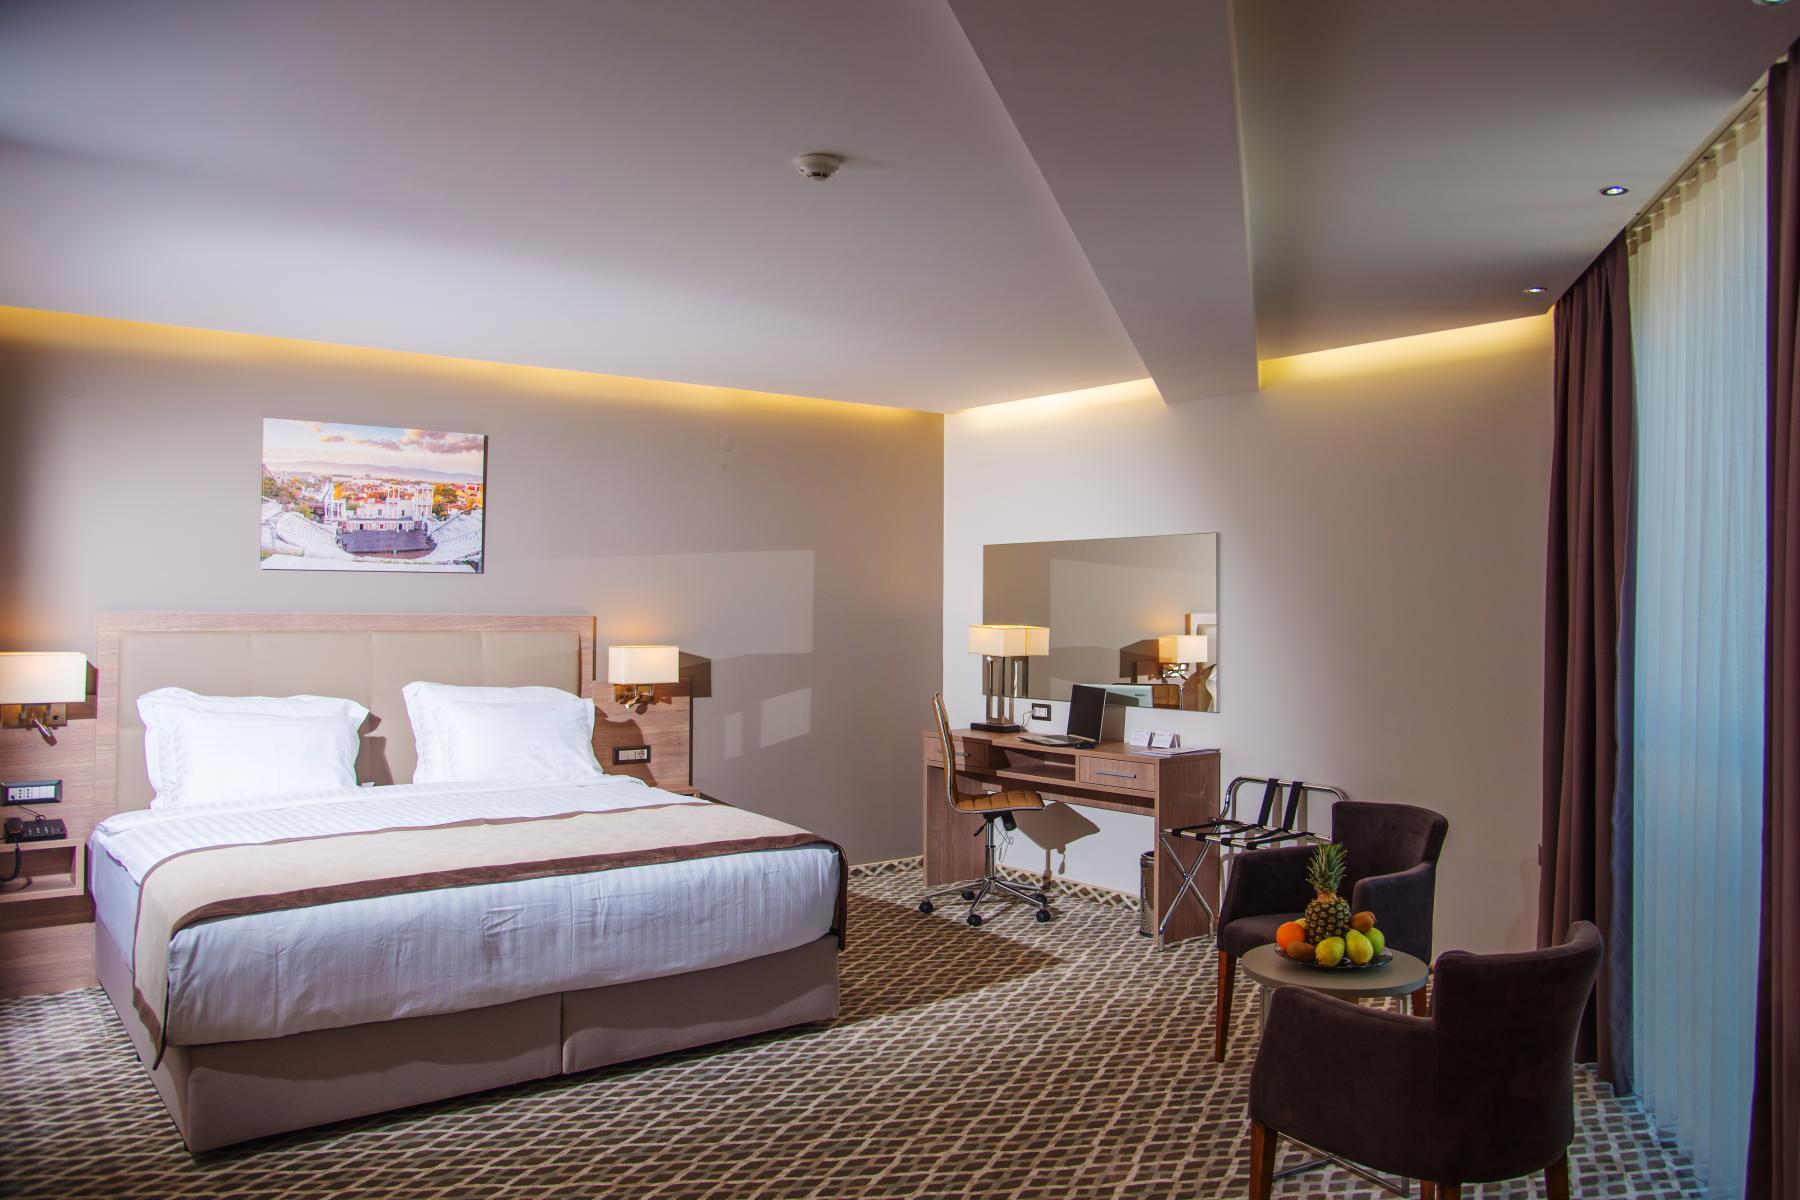 Нощувка със закуска за двама в хотел Бест Уестърн Премиер****, Пловдив, снимка 13